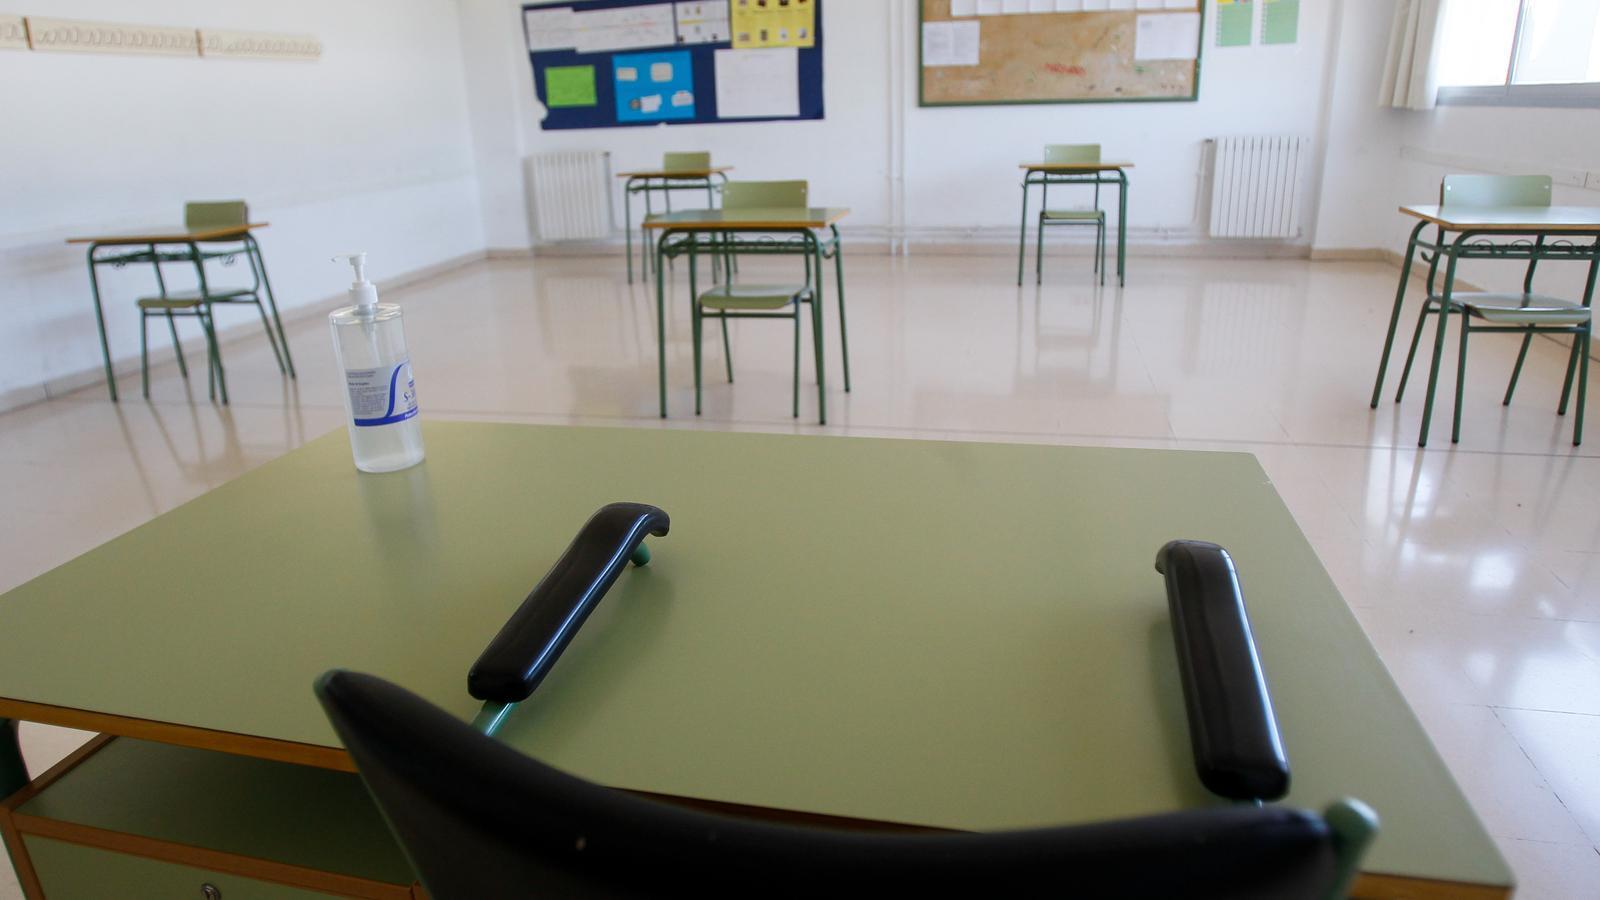 Aula de l'Institut de Binissalem adaptada amb les mesures de seguretat de prevenció de contagi del covid-19